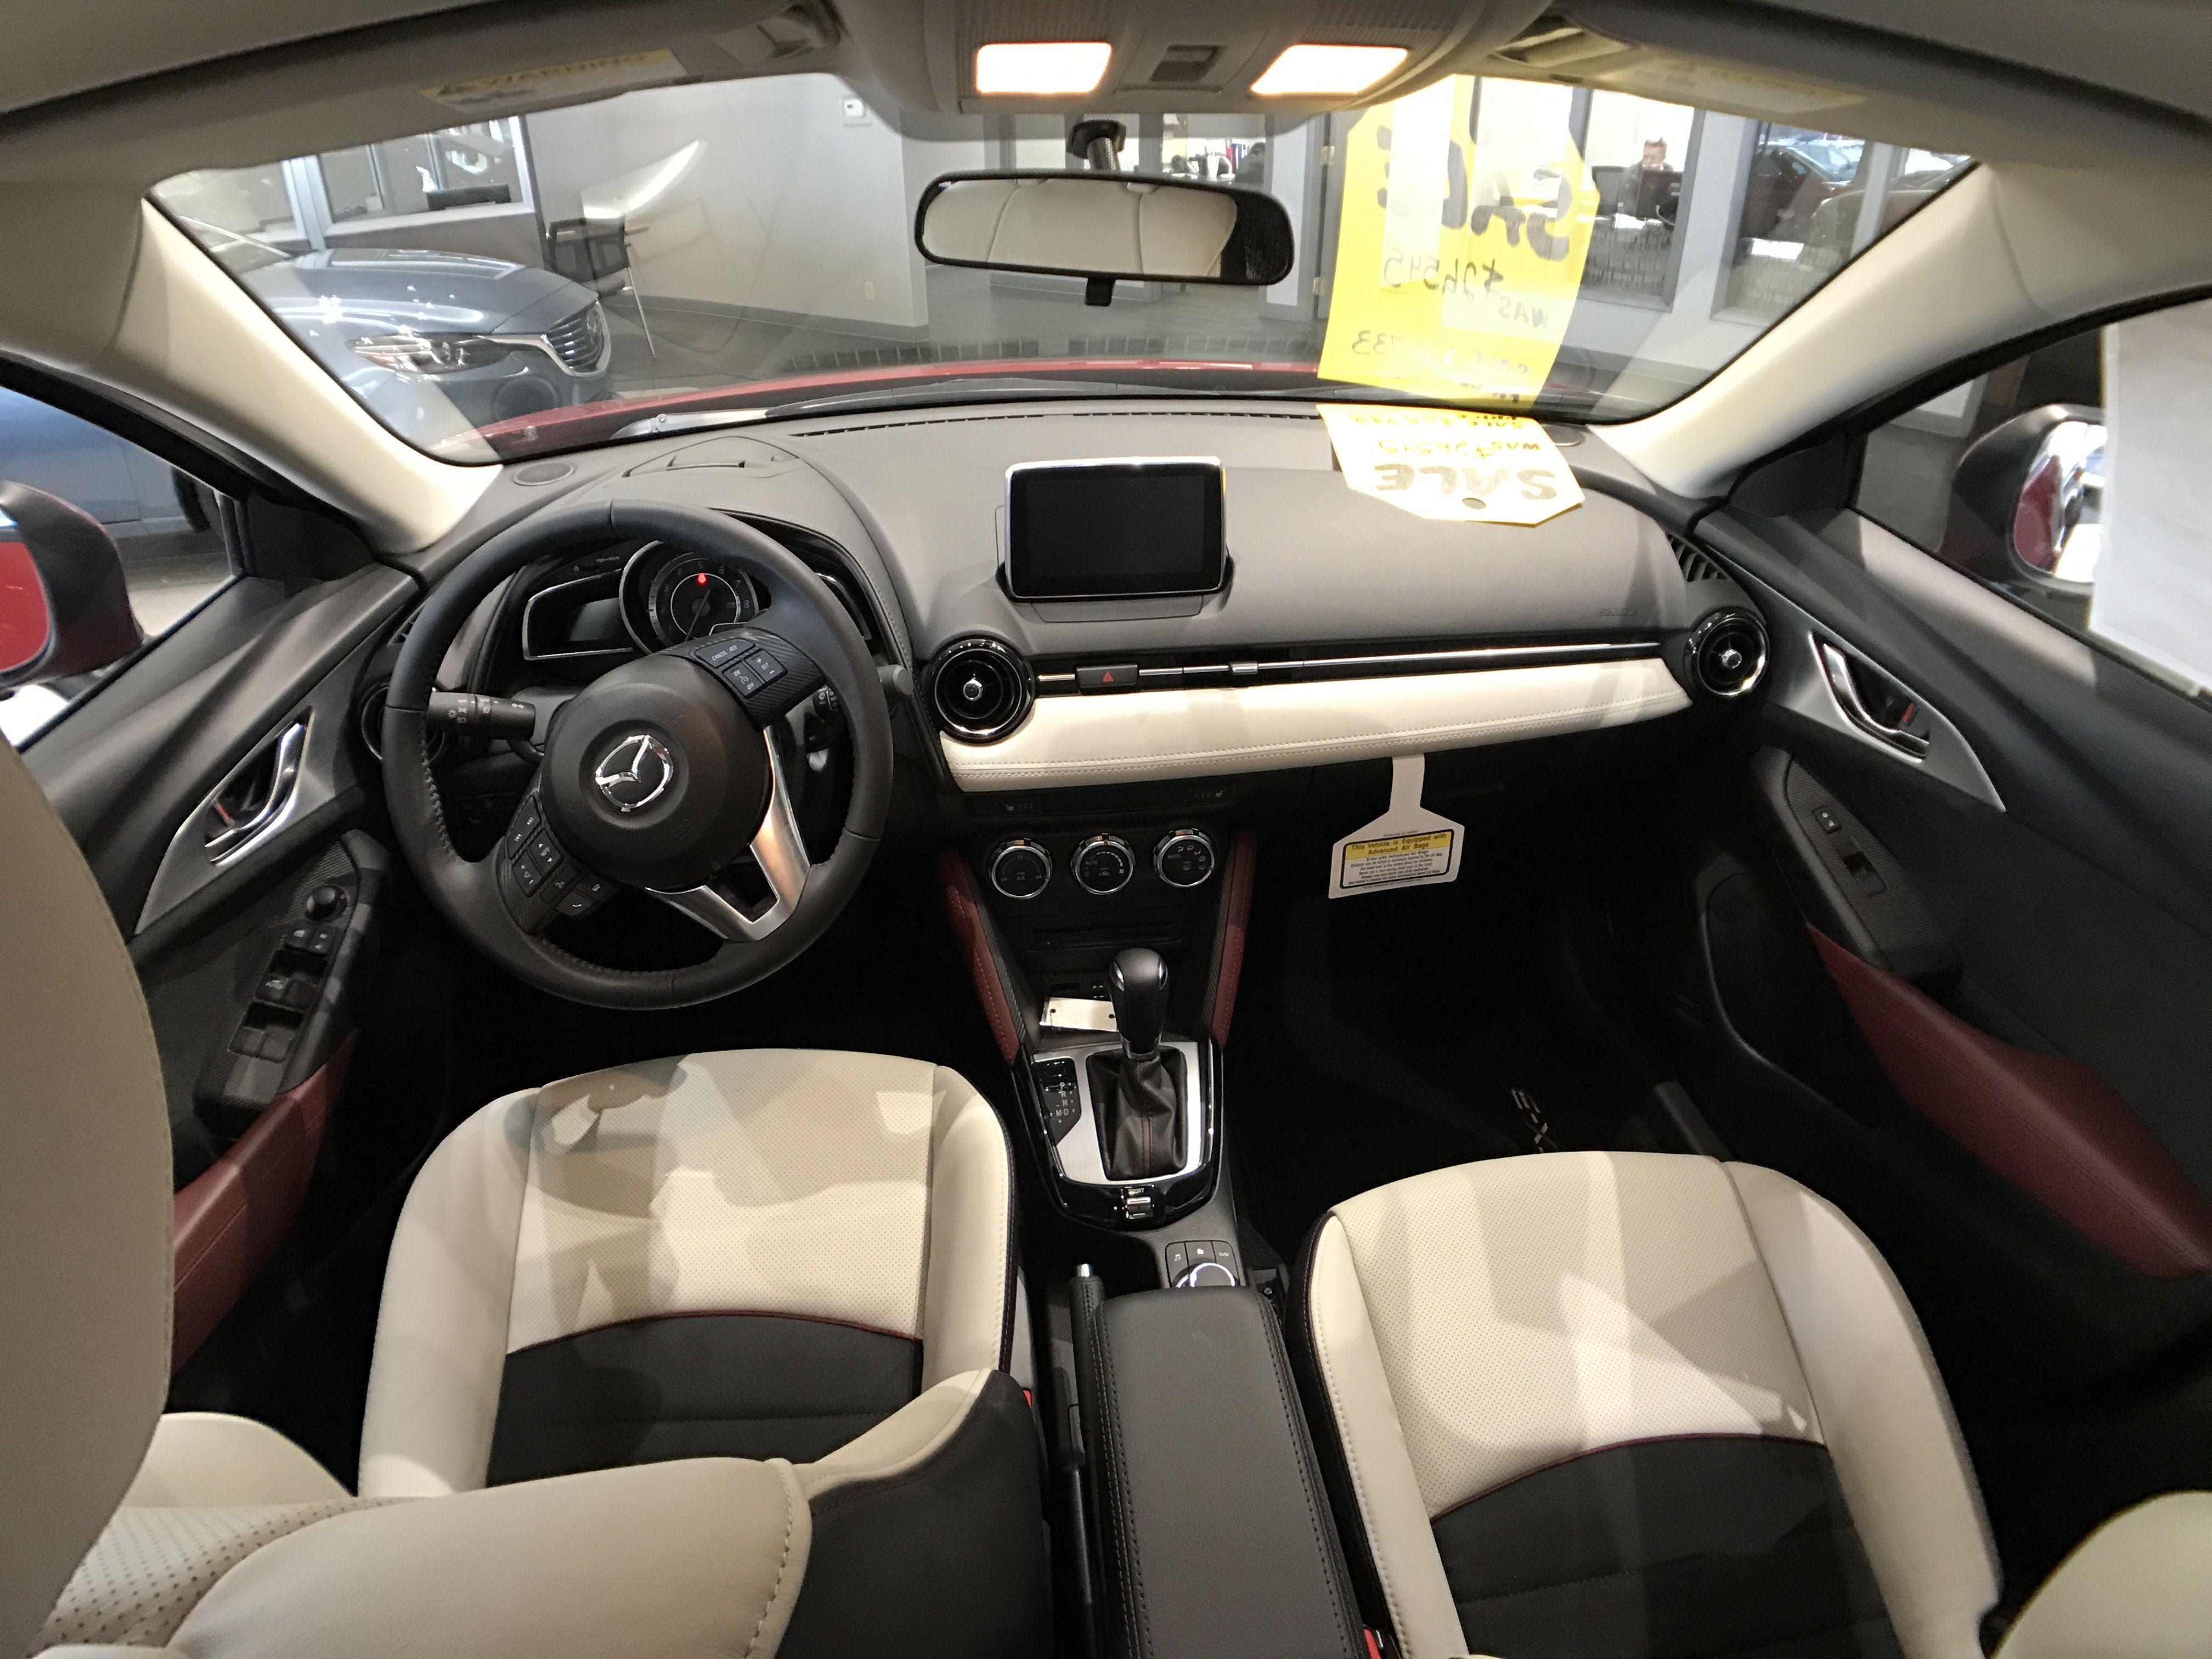 Mazda Cx3 Interior Mazda Mazda Cars Mazda Cx3